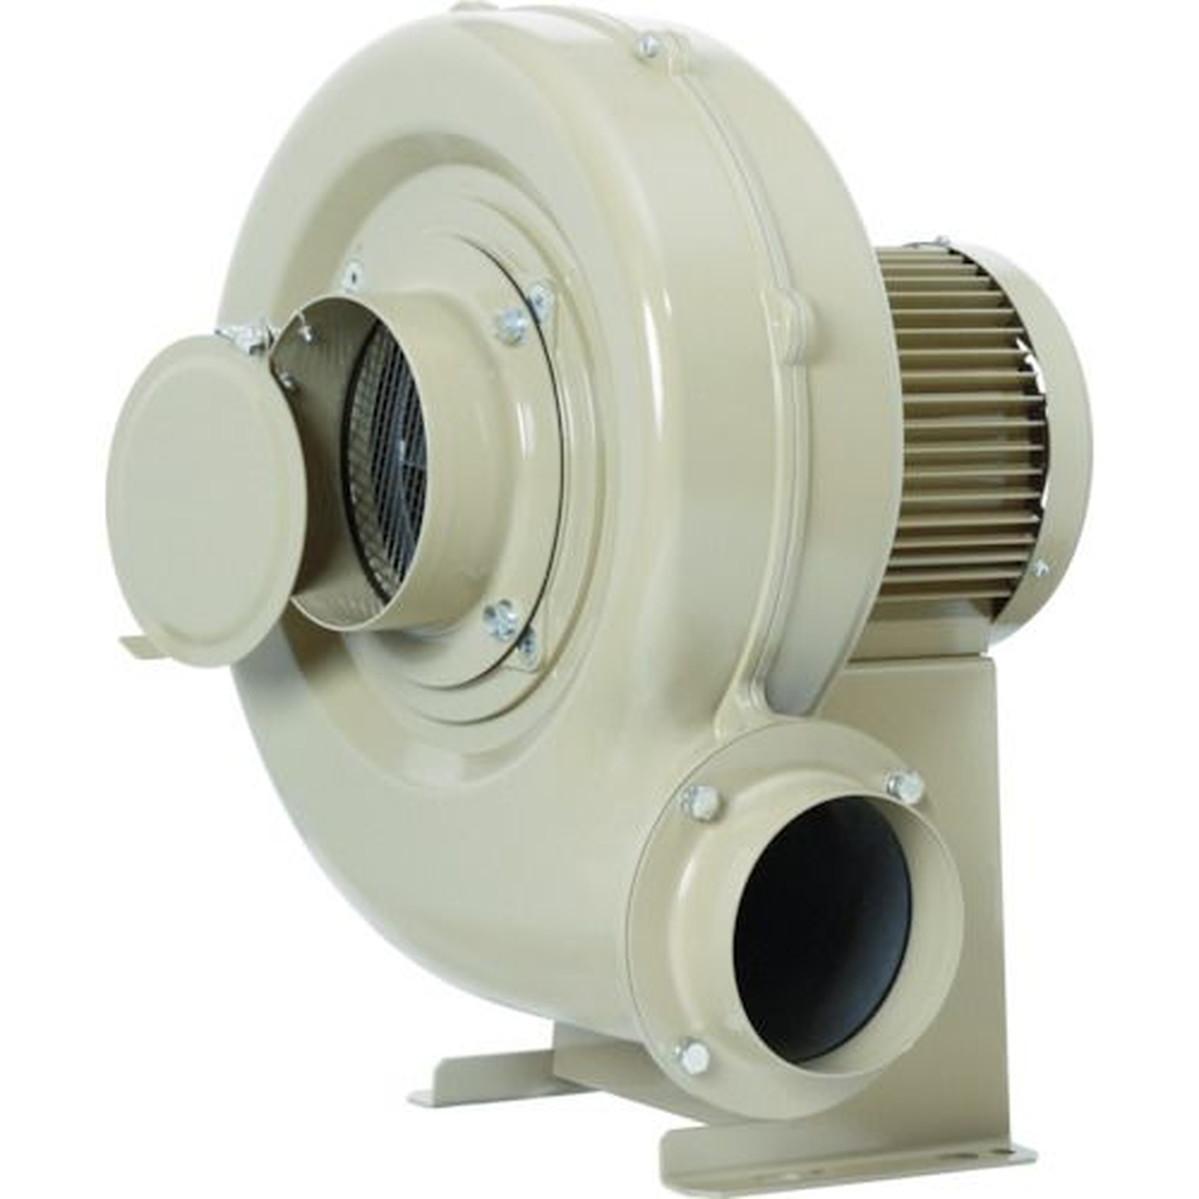 買取り実績  昭和 昭和 1台 高効率電動送風機 コンパクトシリーズ(0.75kW-400V)EC-H07 1台, あしや堀萬昭堂:24a4dfe0 --- gerber-bodin.fr